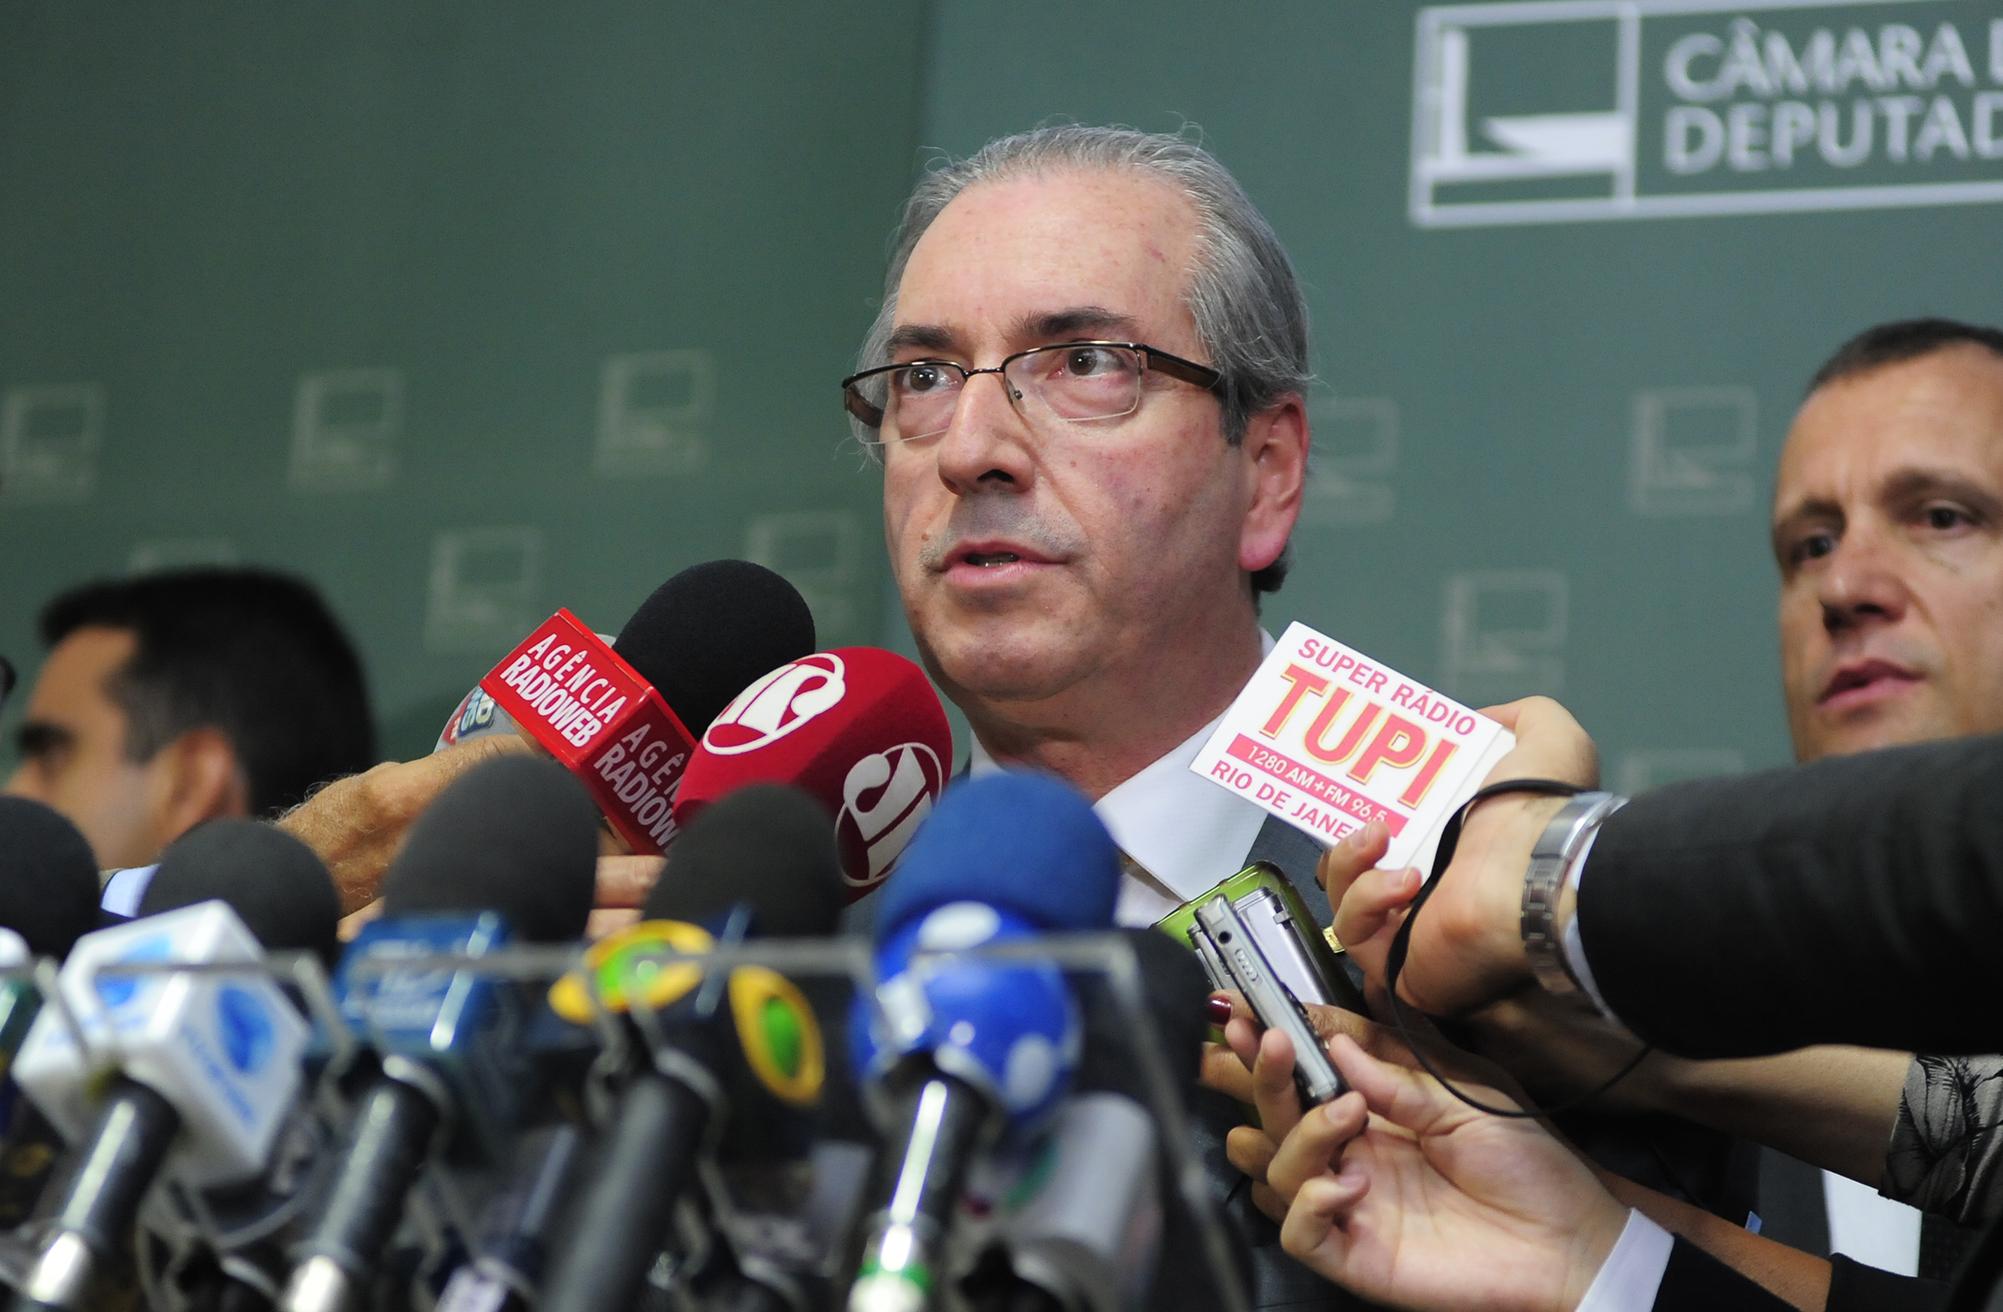 Após pressão, Eduardo Cunha renuncia ao cargo presidente da Câmara